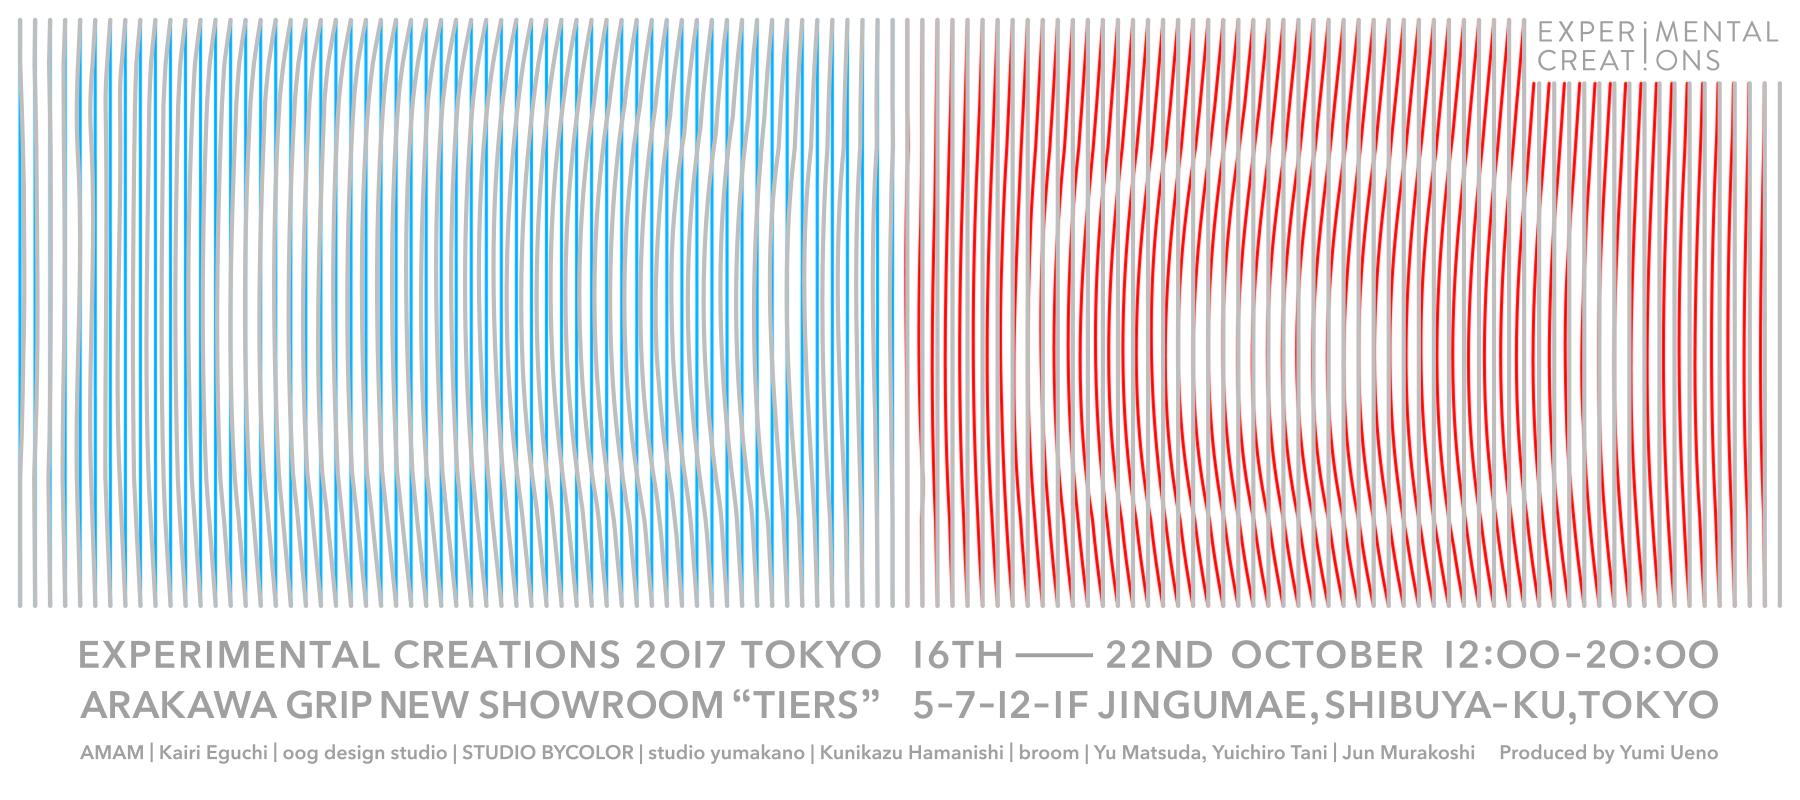 <a href='https://experimental-creations.com/ja/experimental-creations-2017-tokyo/'></a>